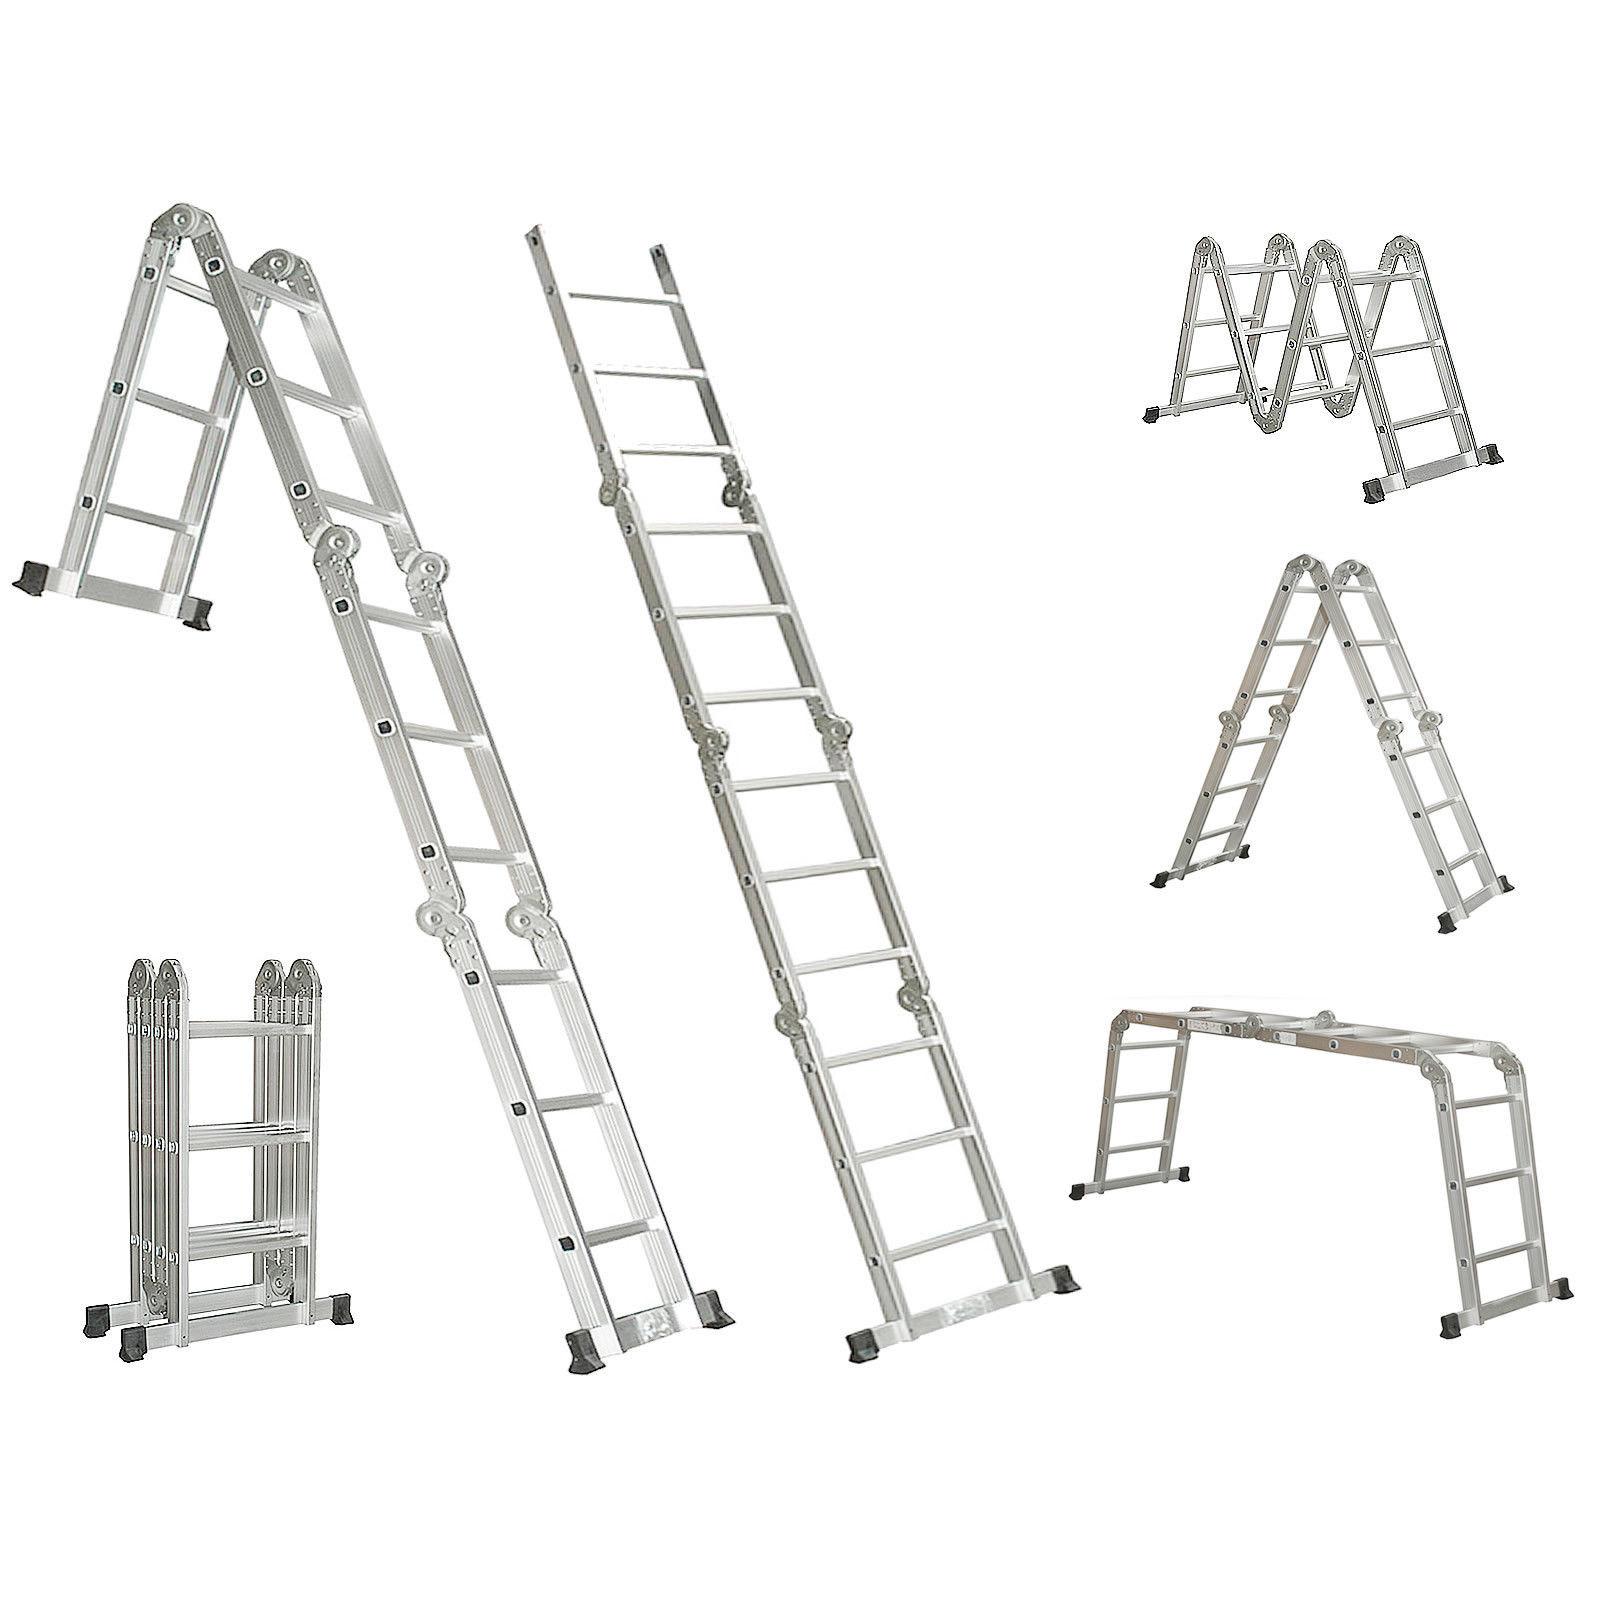 4 7m Aluminium Multi Purpose Extension Ladder Step